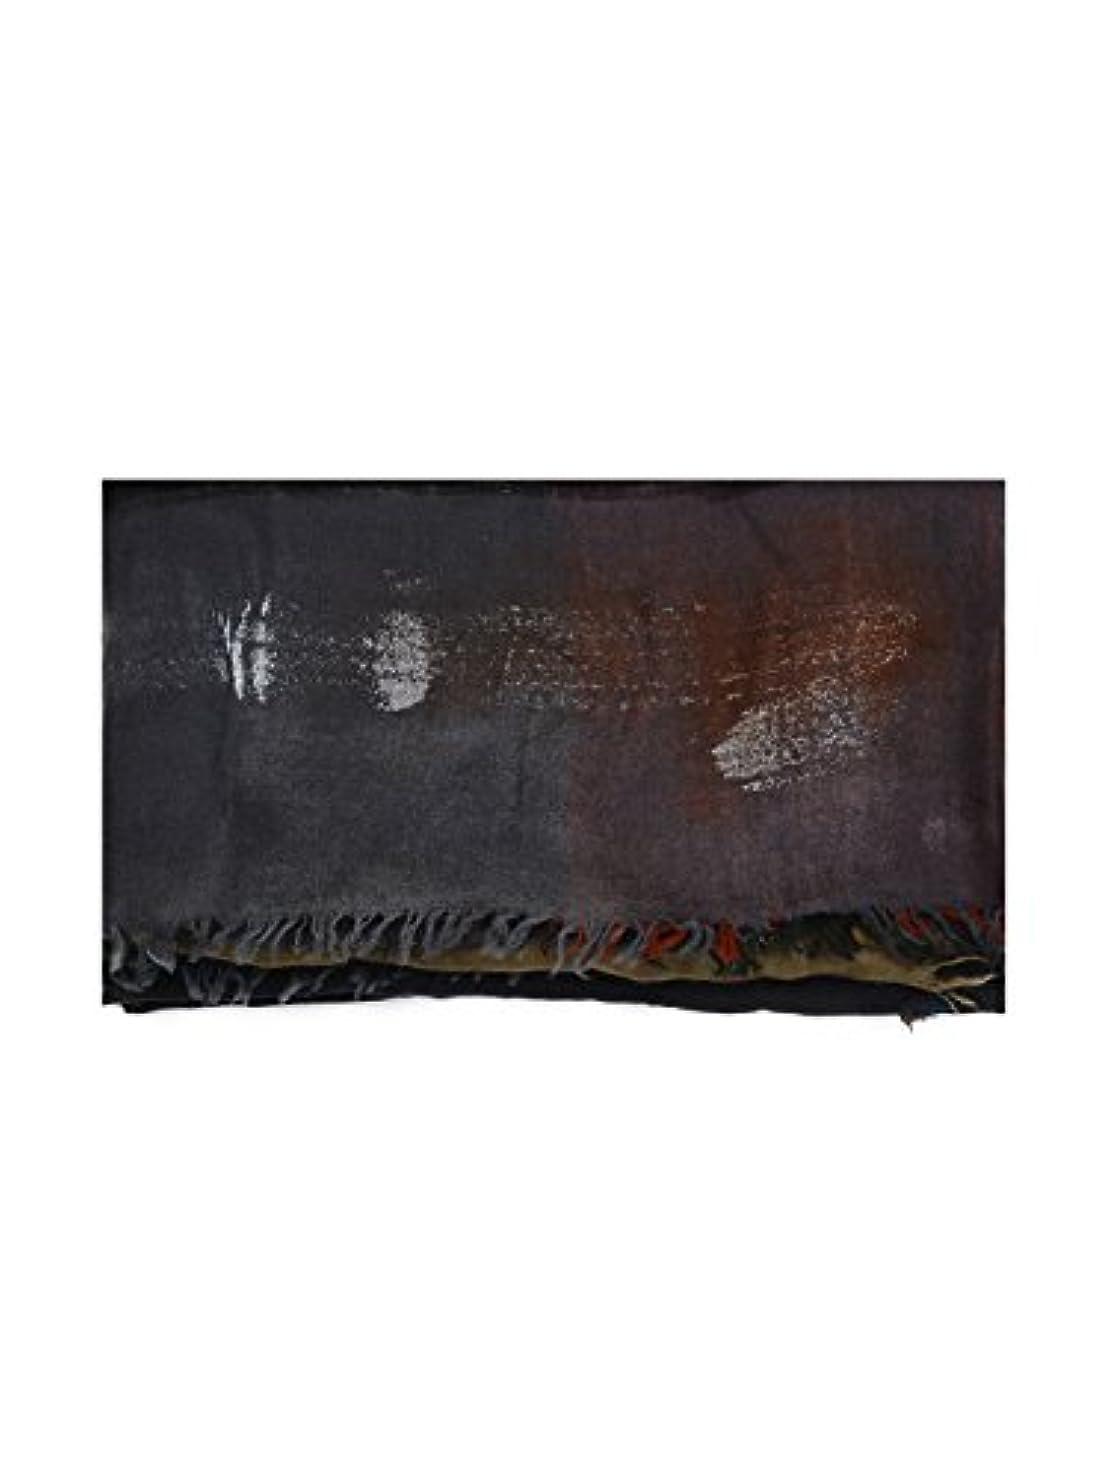 ハーネス訪問厚さFaliero Sarti レディース 201250340 マルチカラー ウール スカーフ